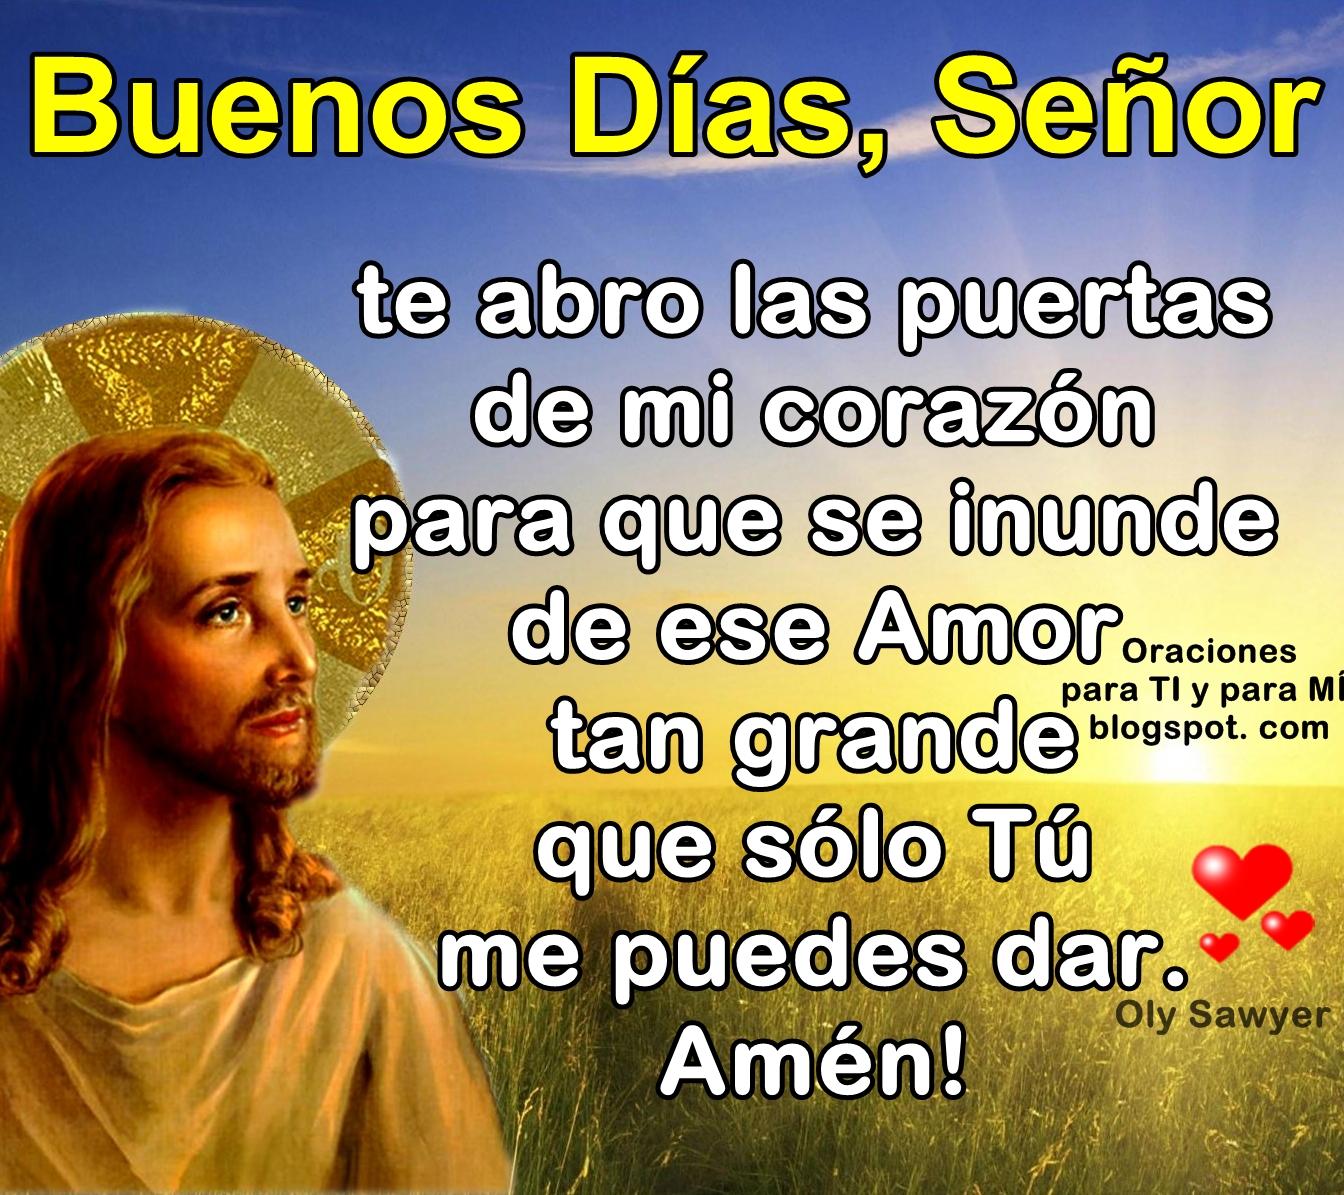 Oraciones para TI y para MÍ: + BUENOS DÍAS, SEÑOR Te abro